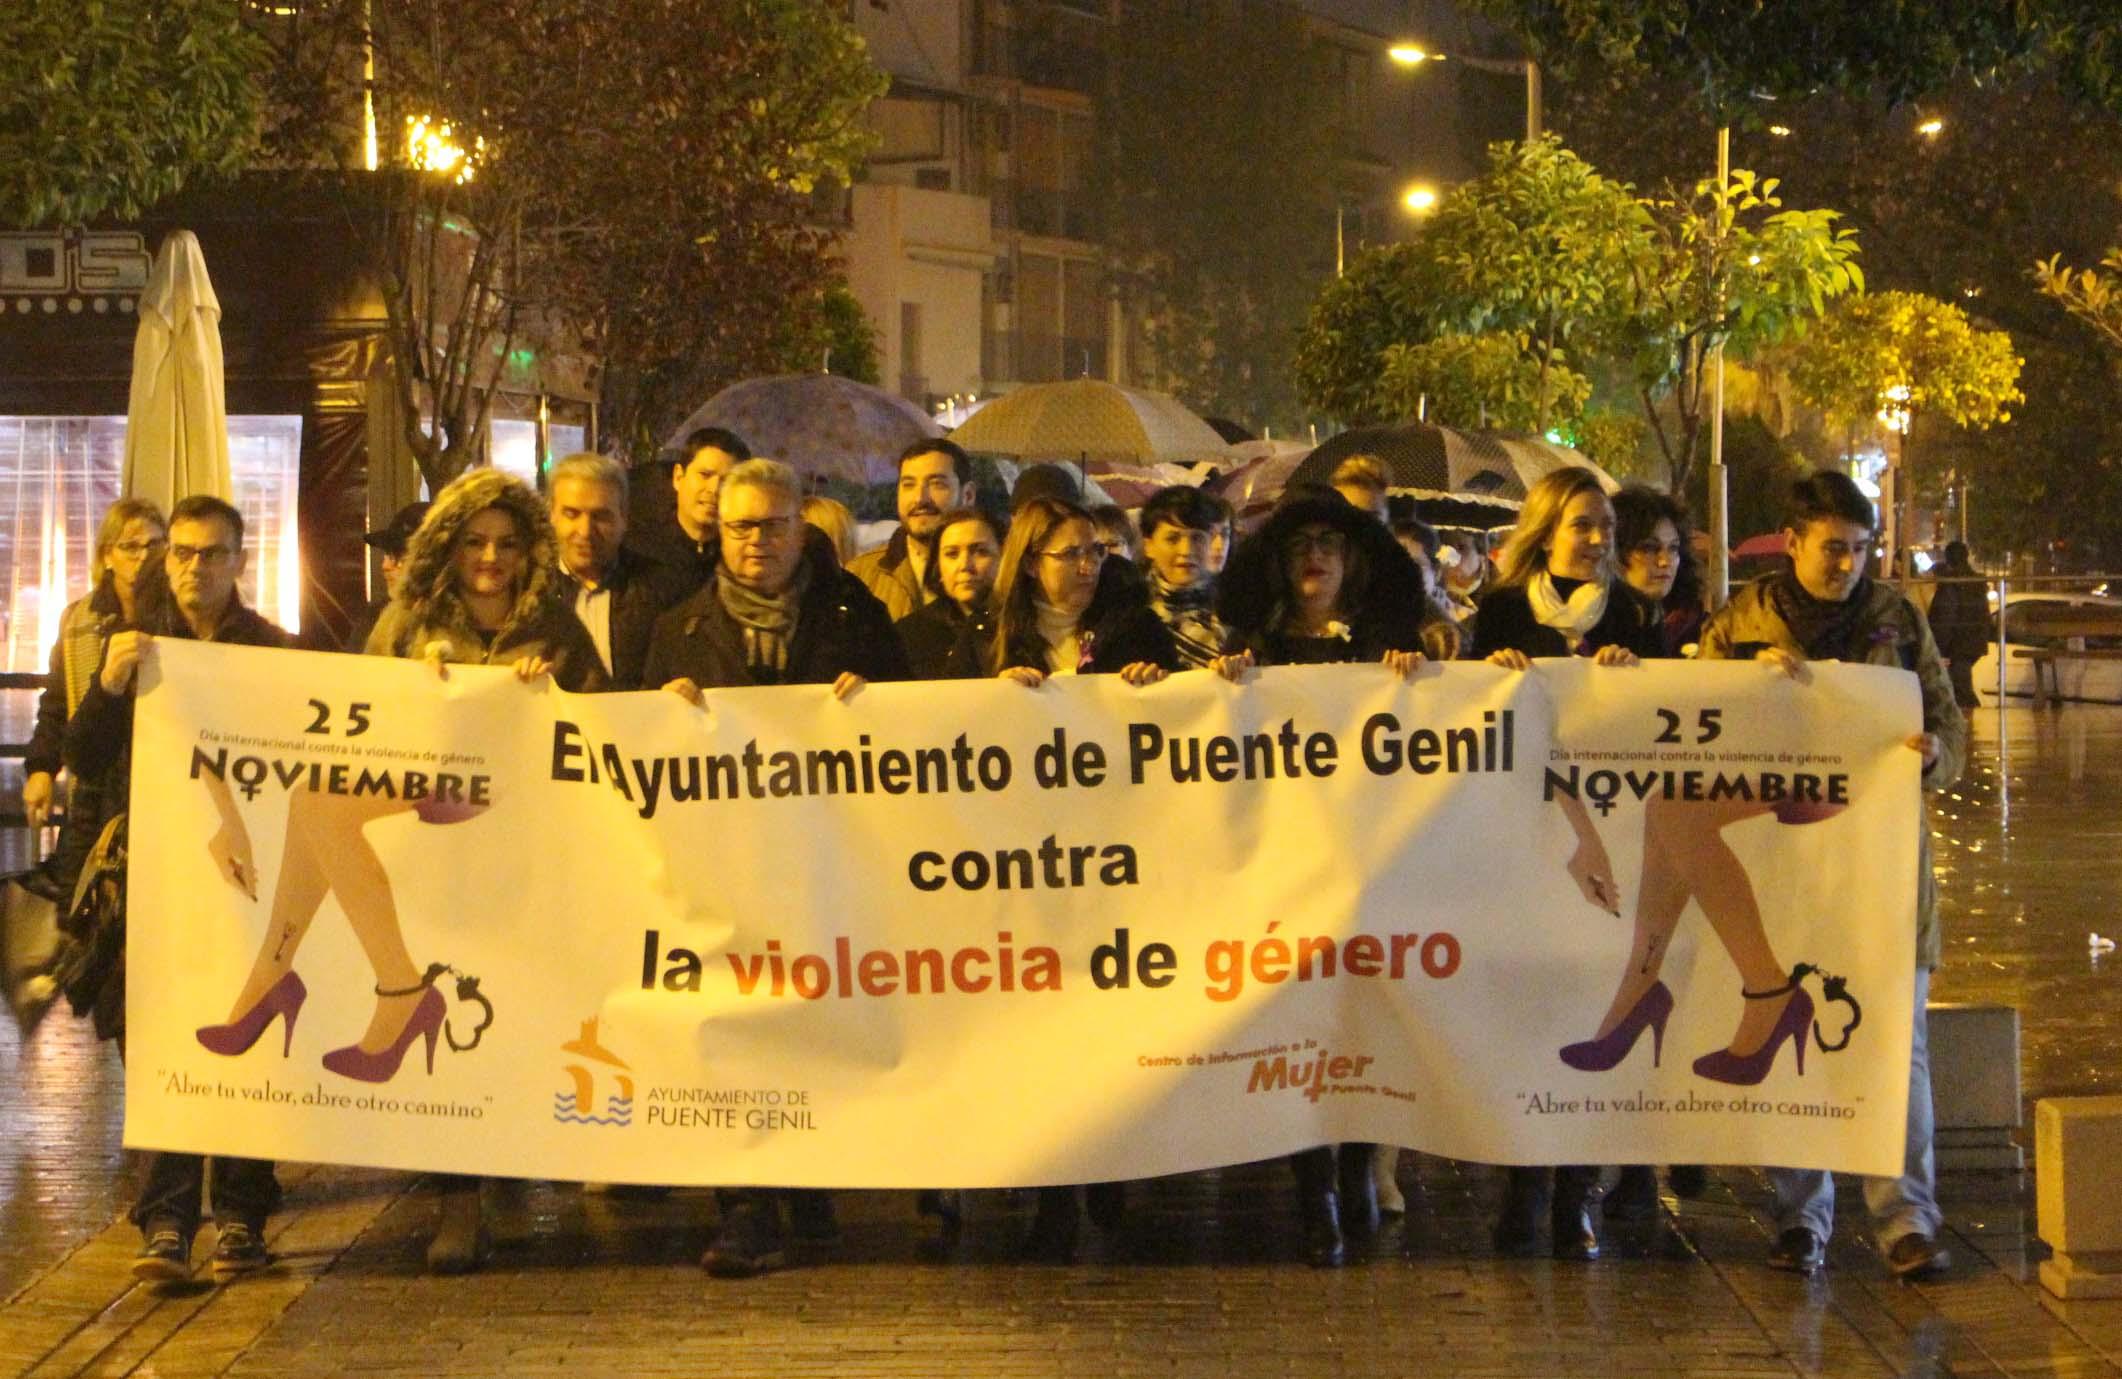 Manifestación contra violencia de género